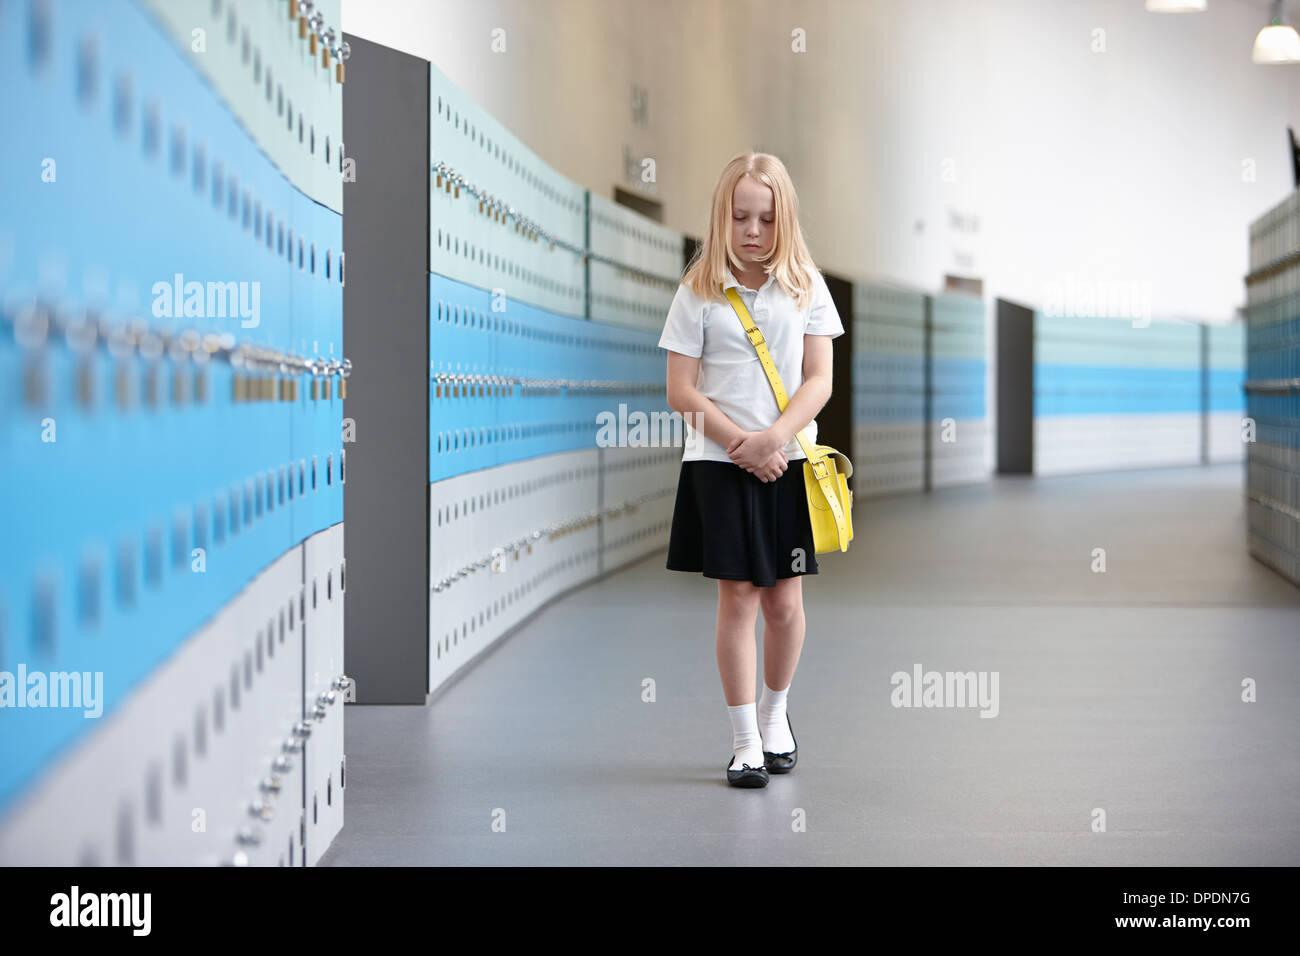 Unhappy schoolgirl walking alone in school corridor - Stock Image